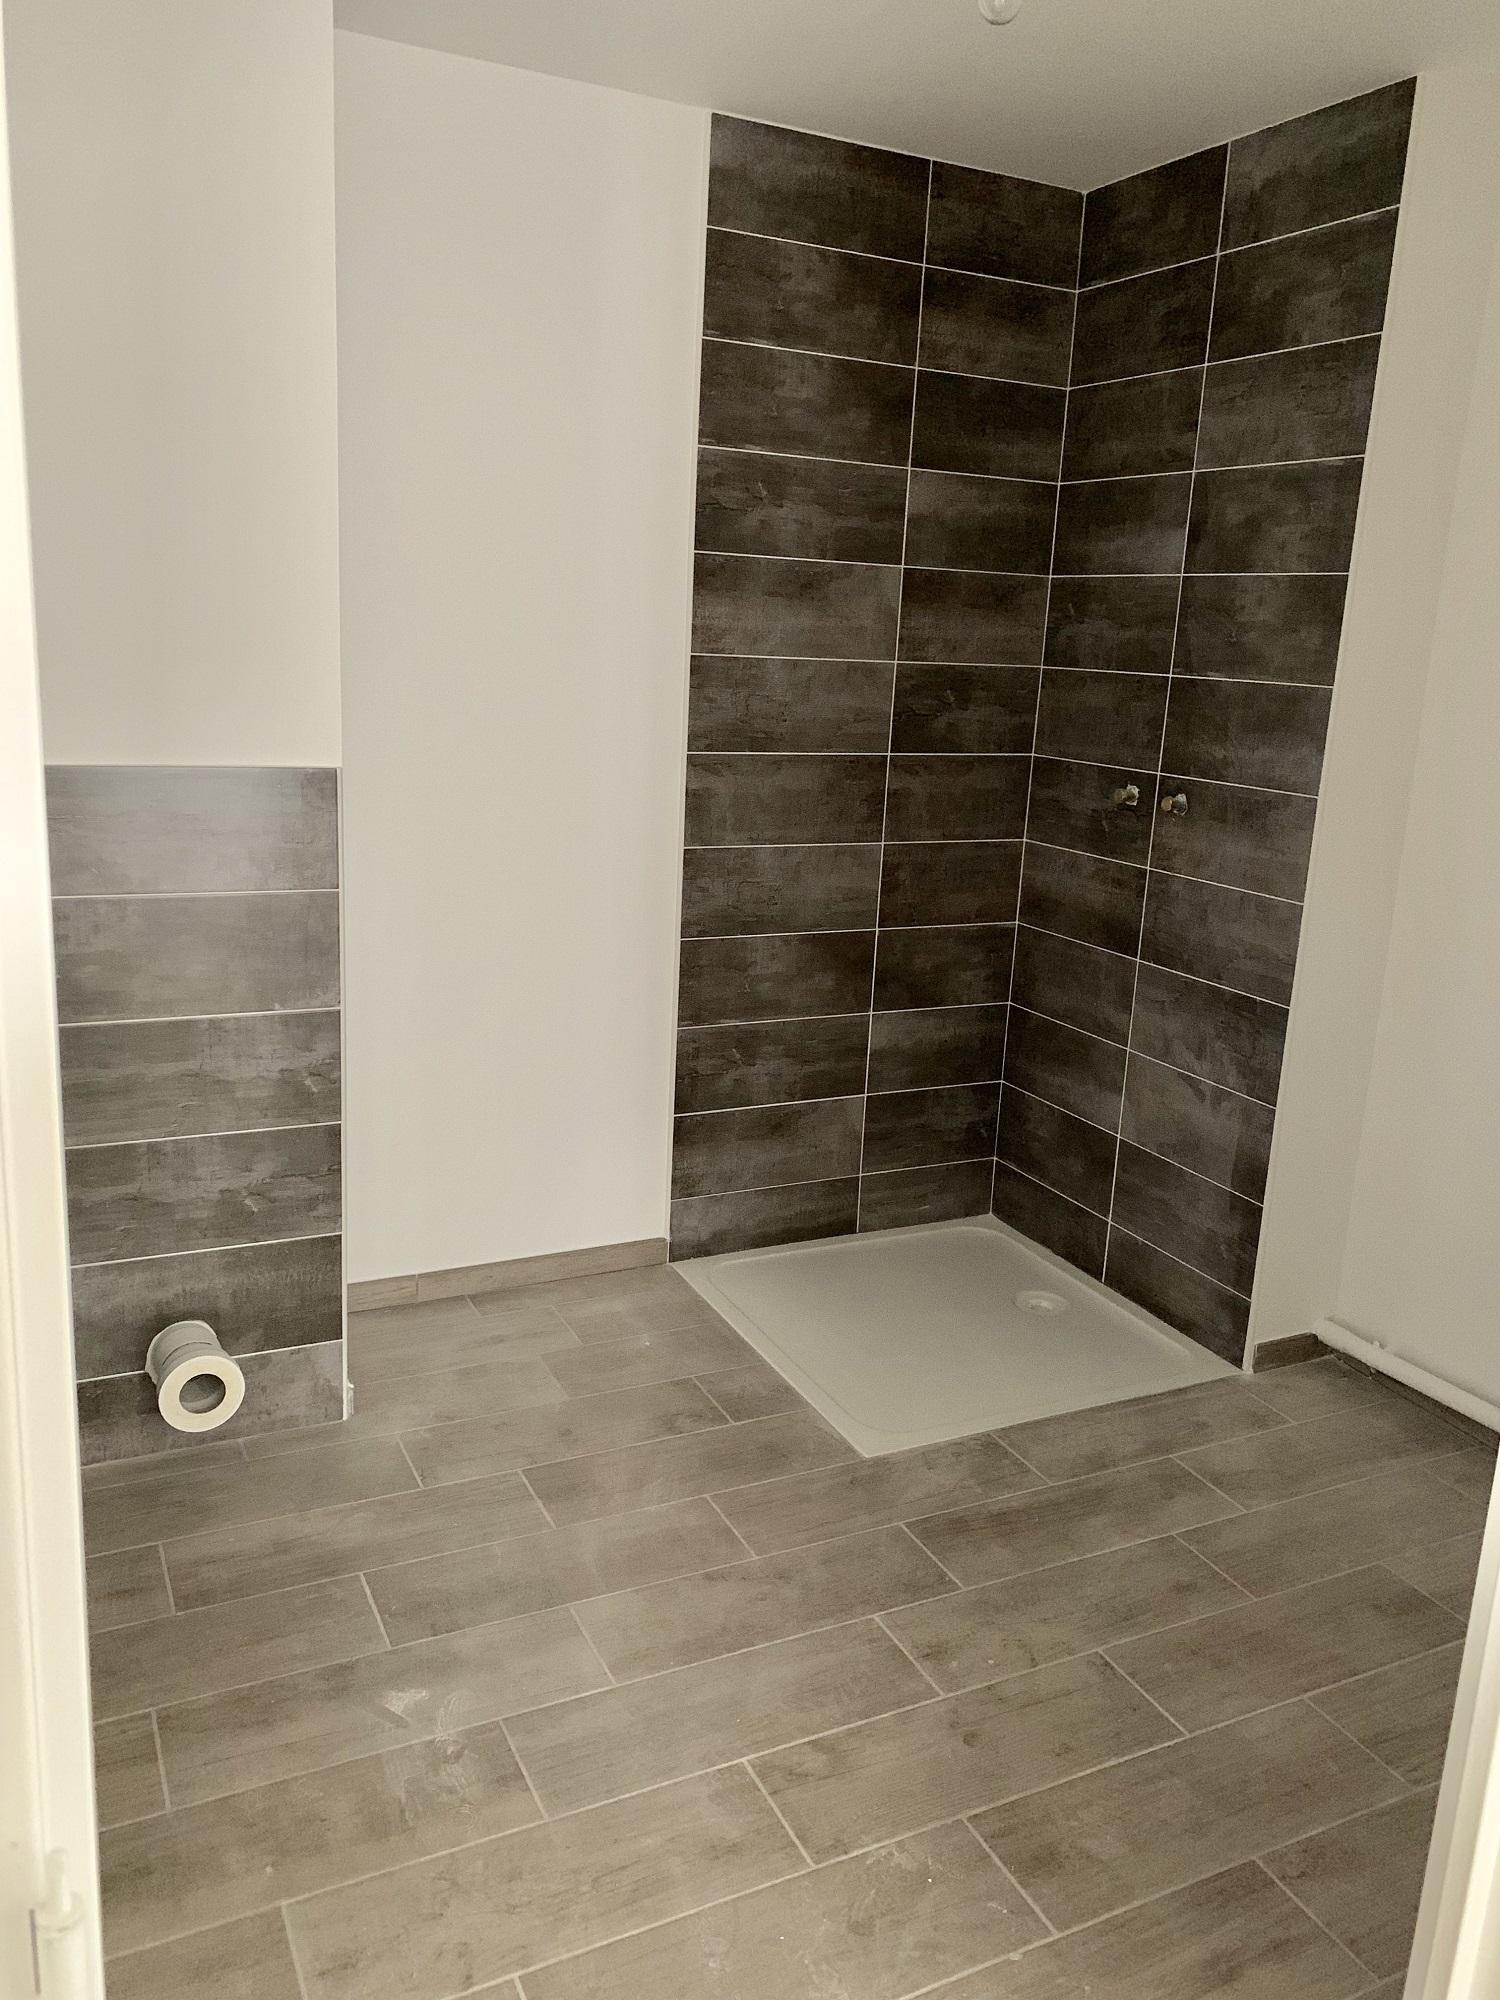 22-02-2019-Réalisation-de-la-salle-de-bains-en-cours-logement-témoin